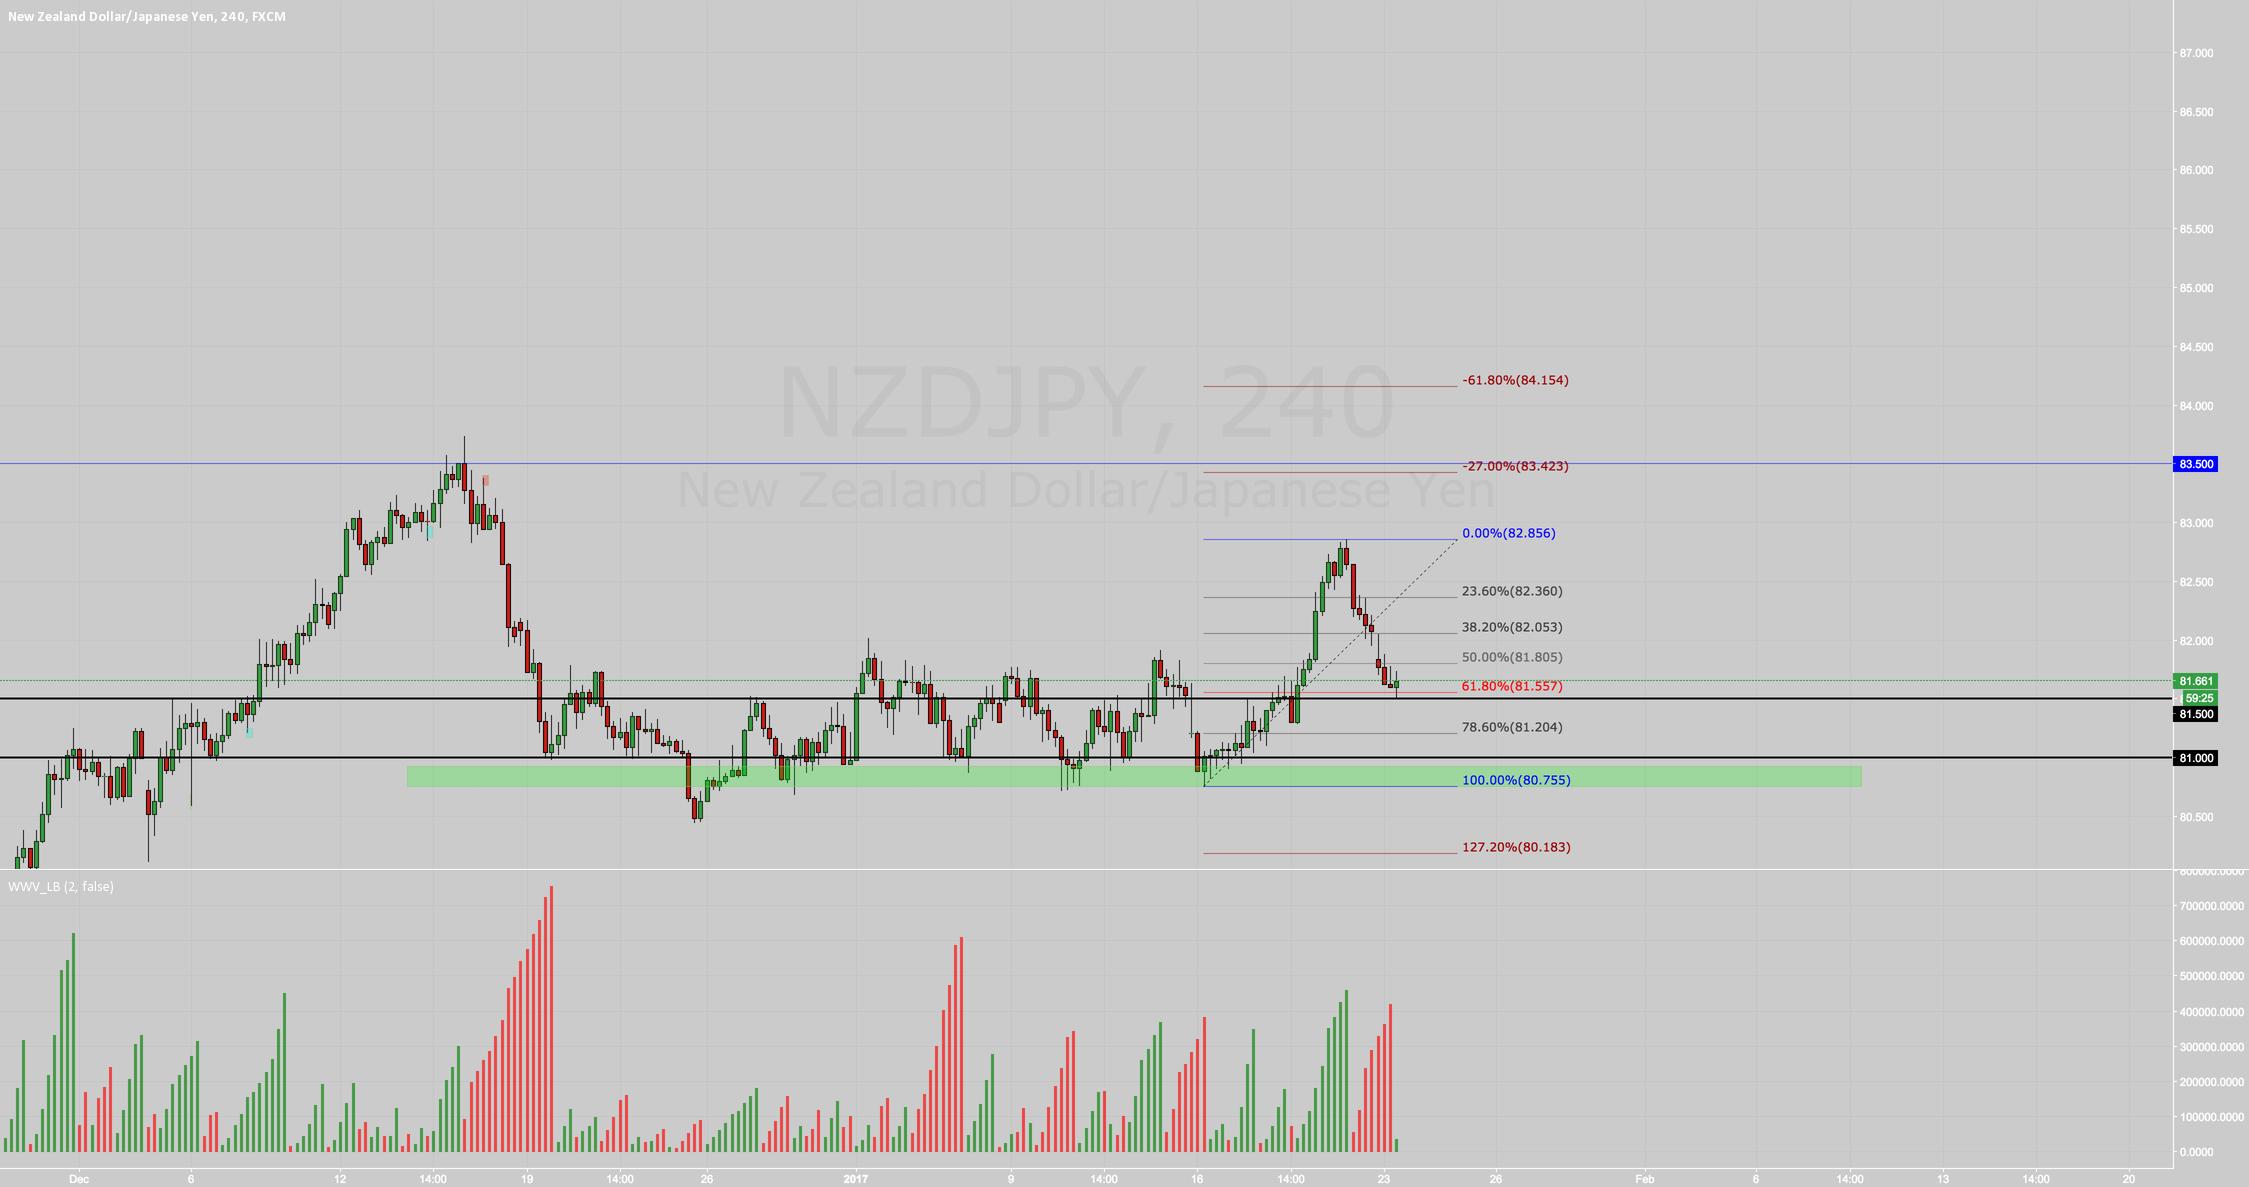 Shamil_trader - FX:NZDJPY